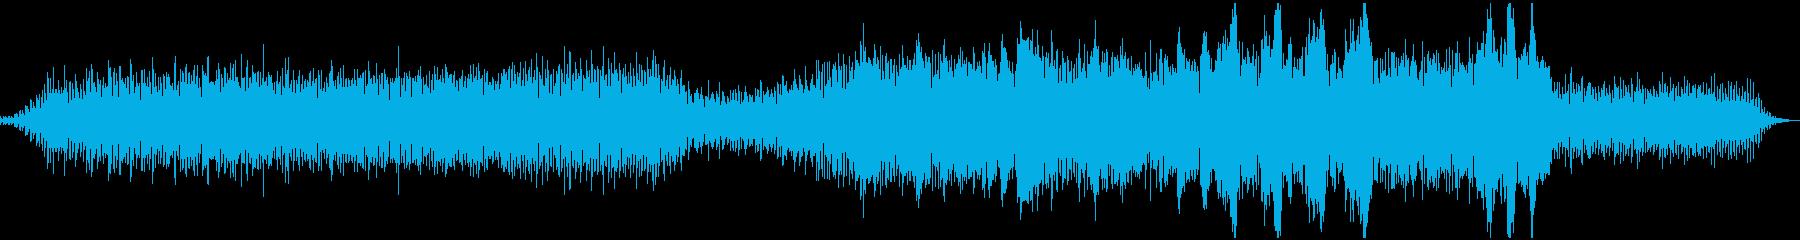 民族音楽・モンゴル・壮大・中盤から展開の再生済みの波形